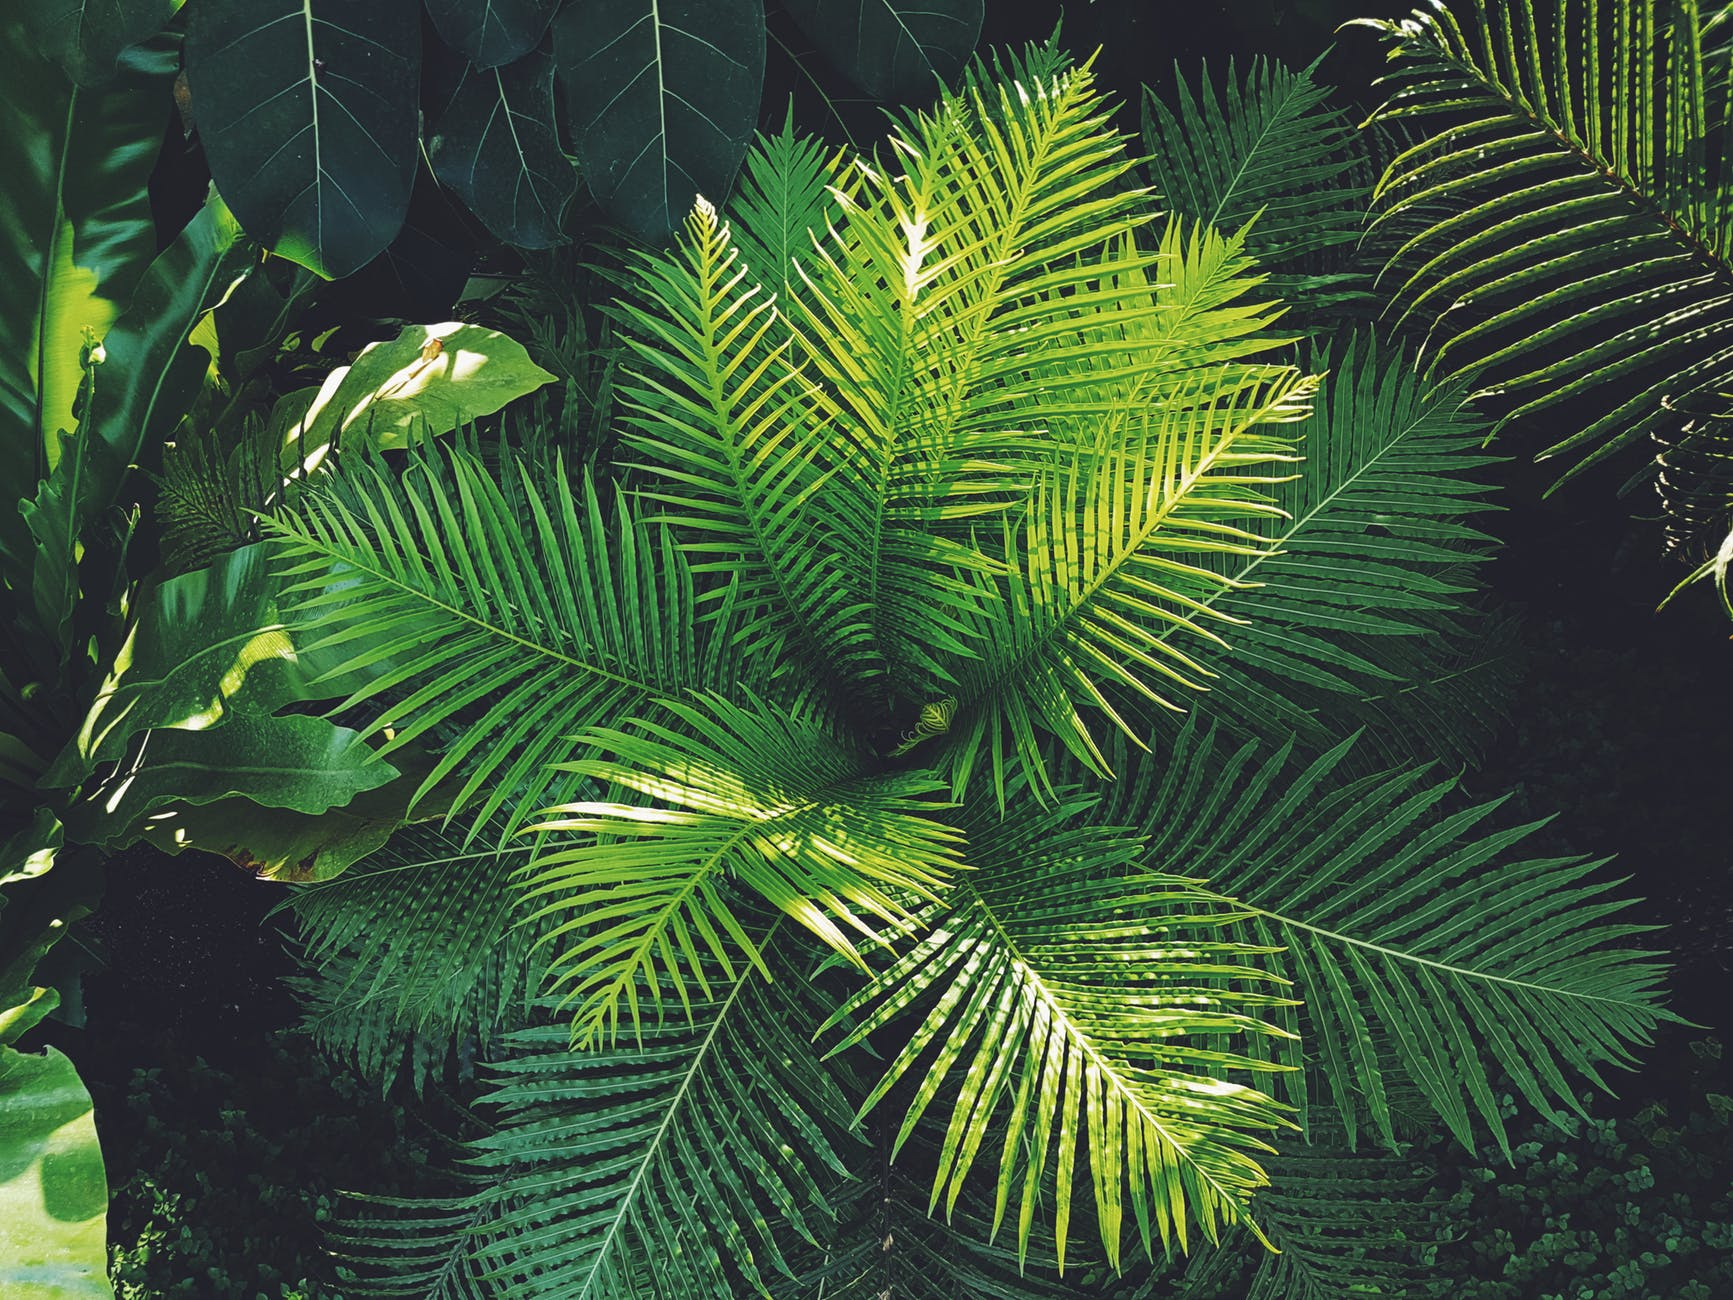 Las plantas suelen tener las hojas verdes